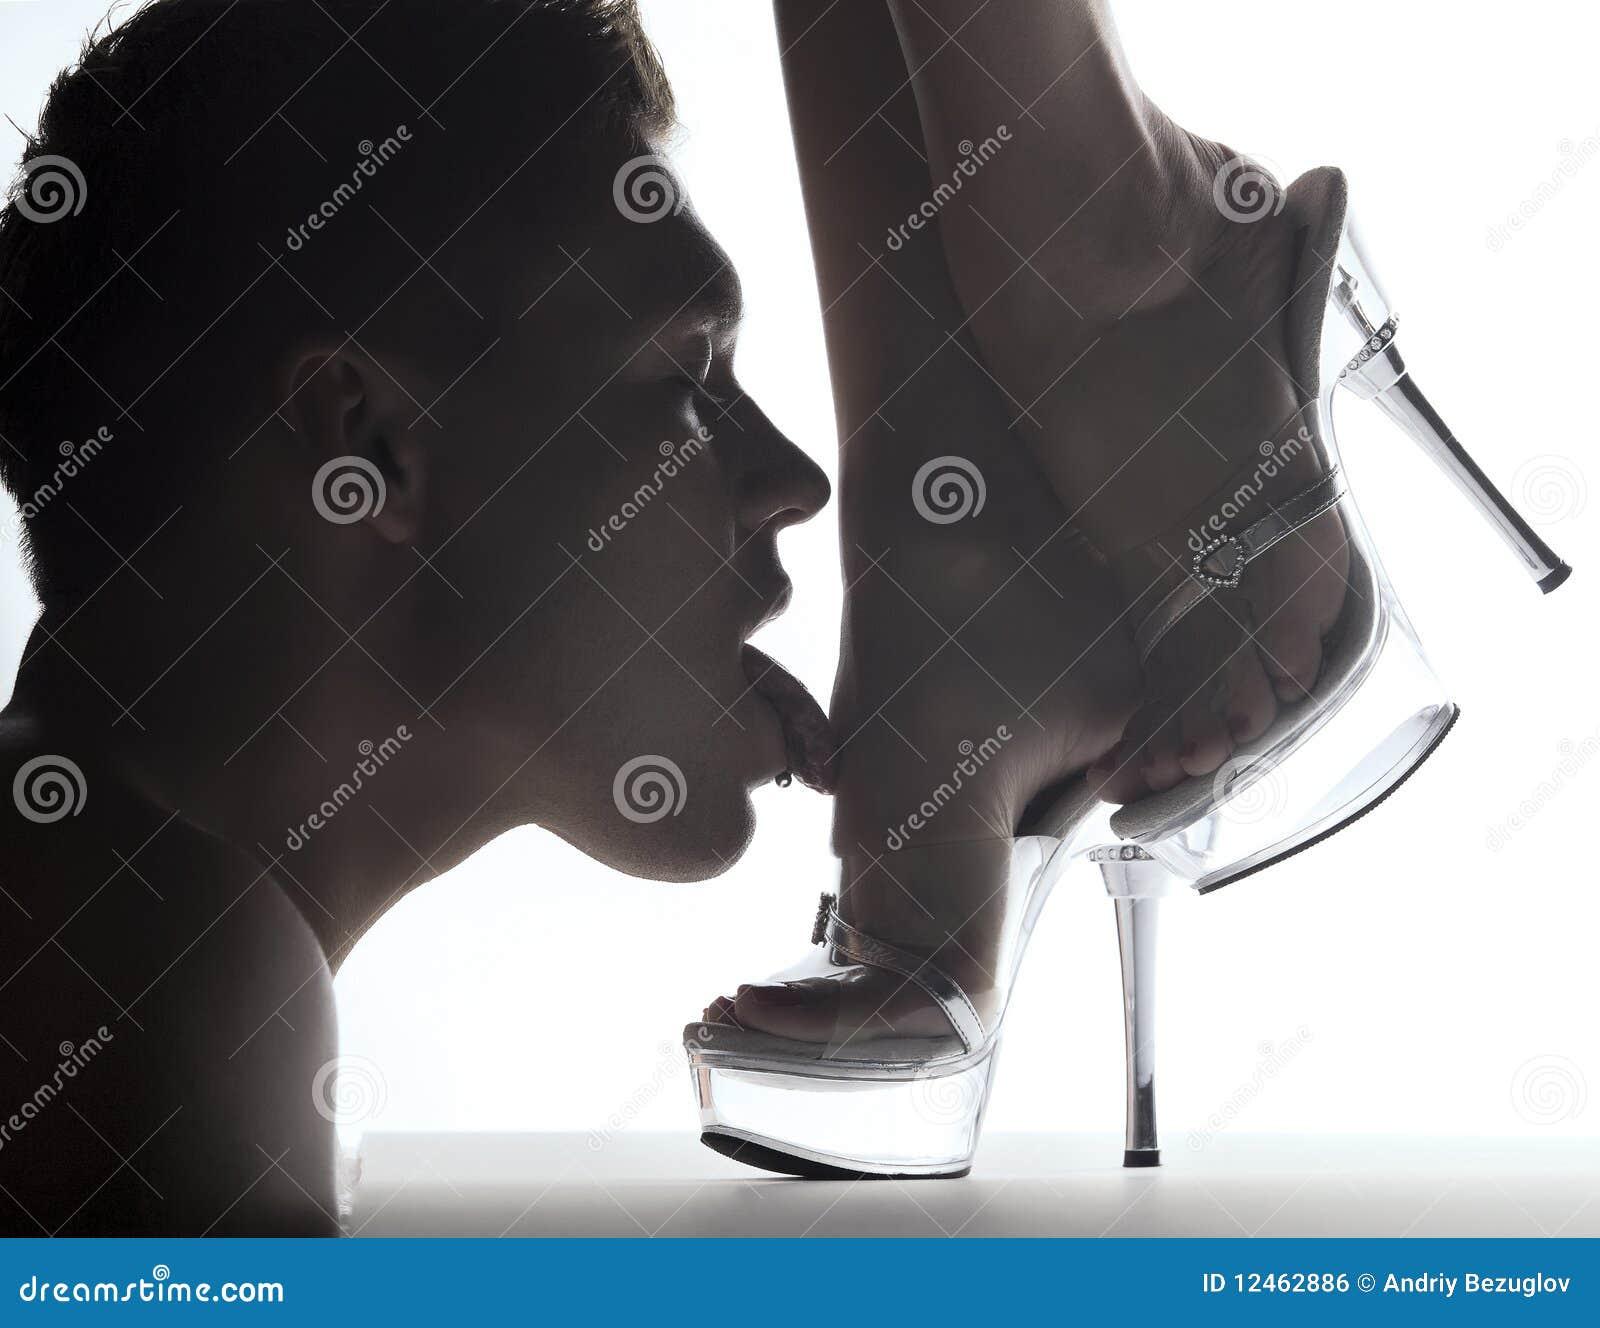 Рабыня в носках 3 фотография